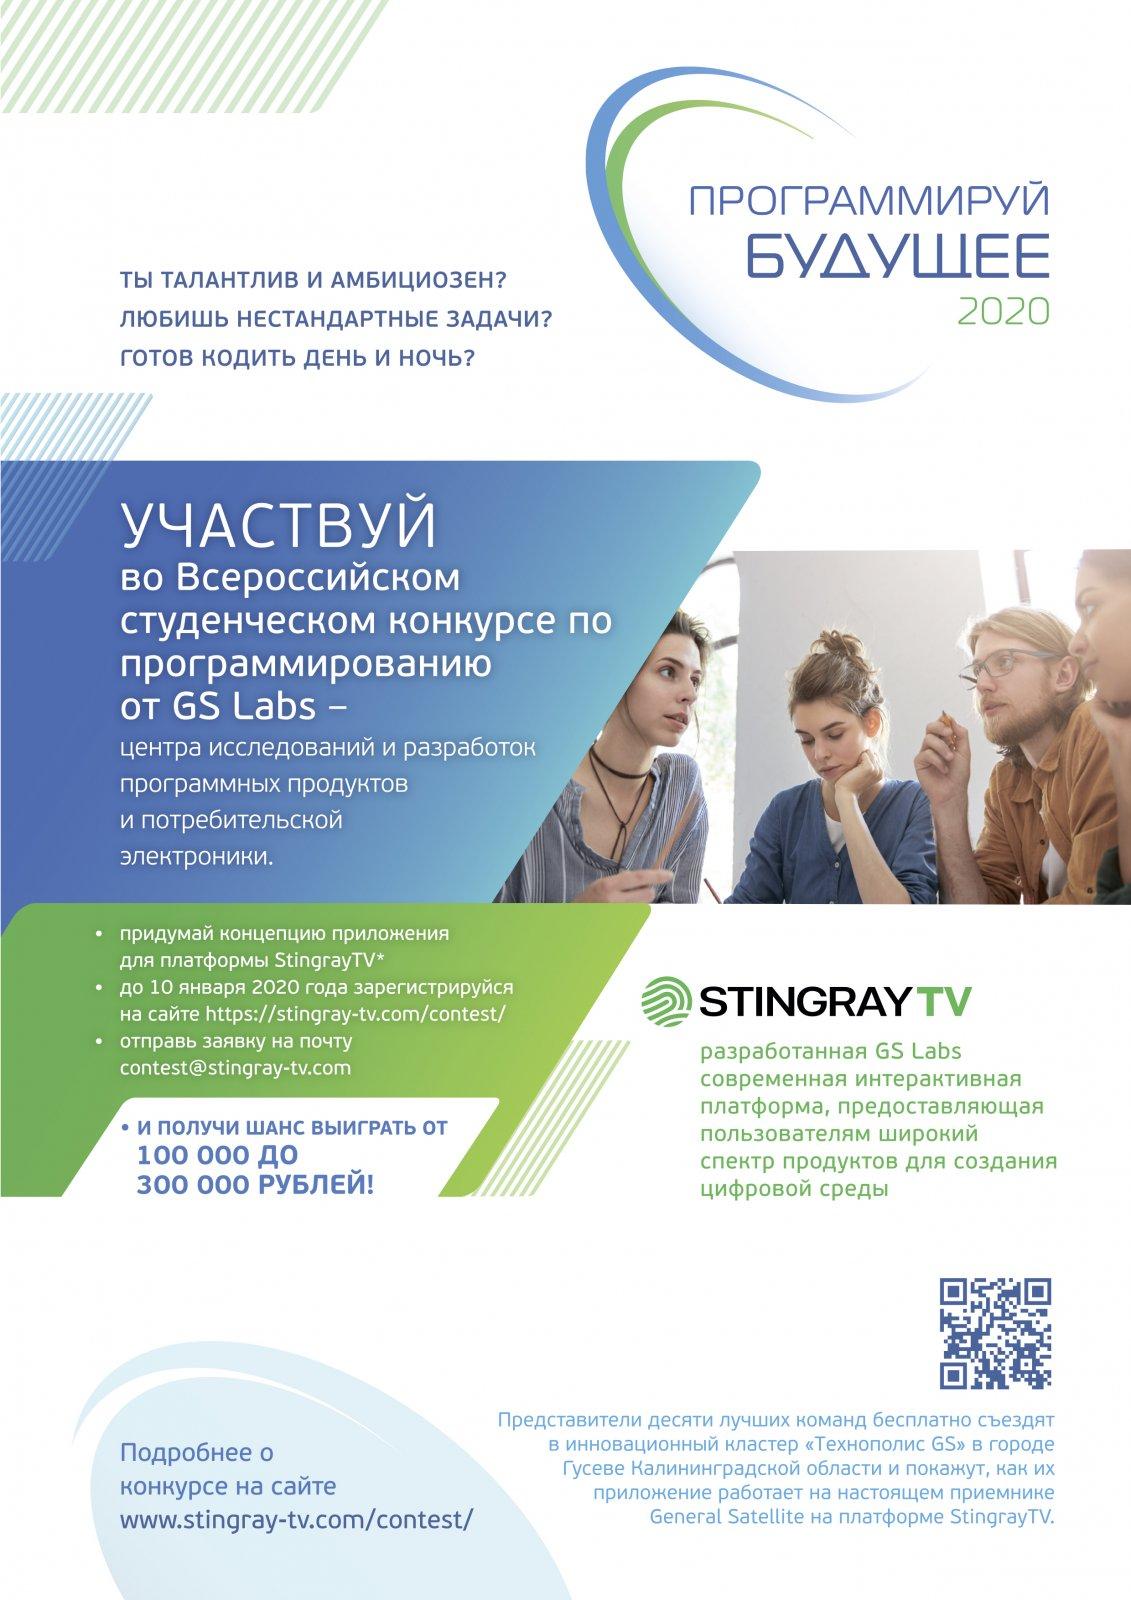 GS Labs организует Всероссийский конкурс для молодых разработчиков «Программируй будущее»